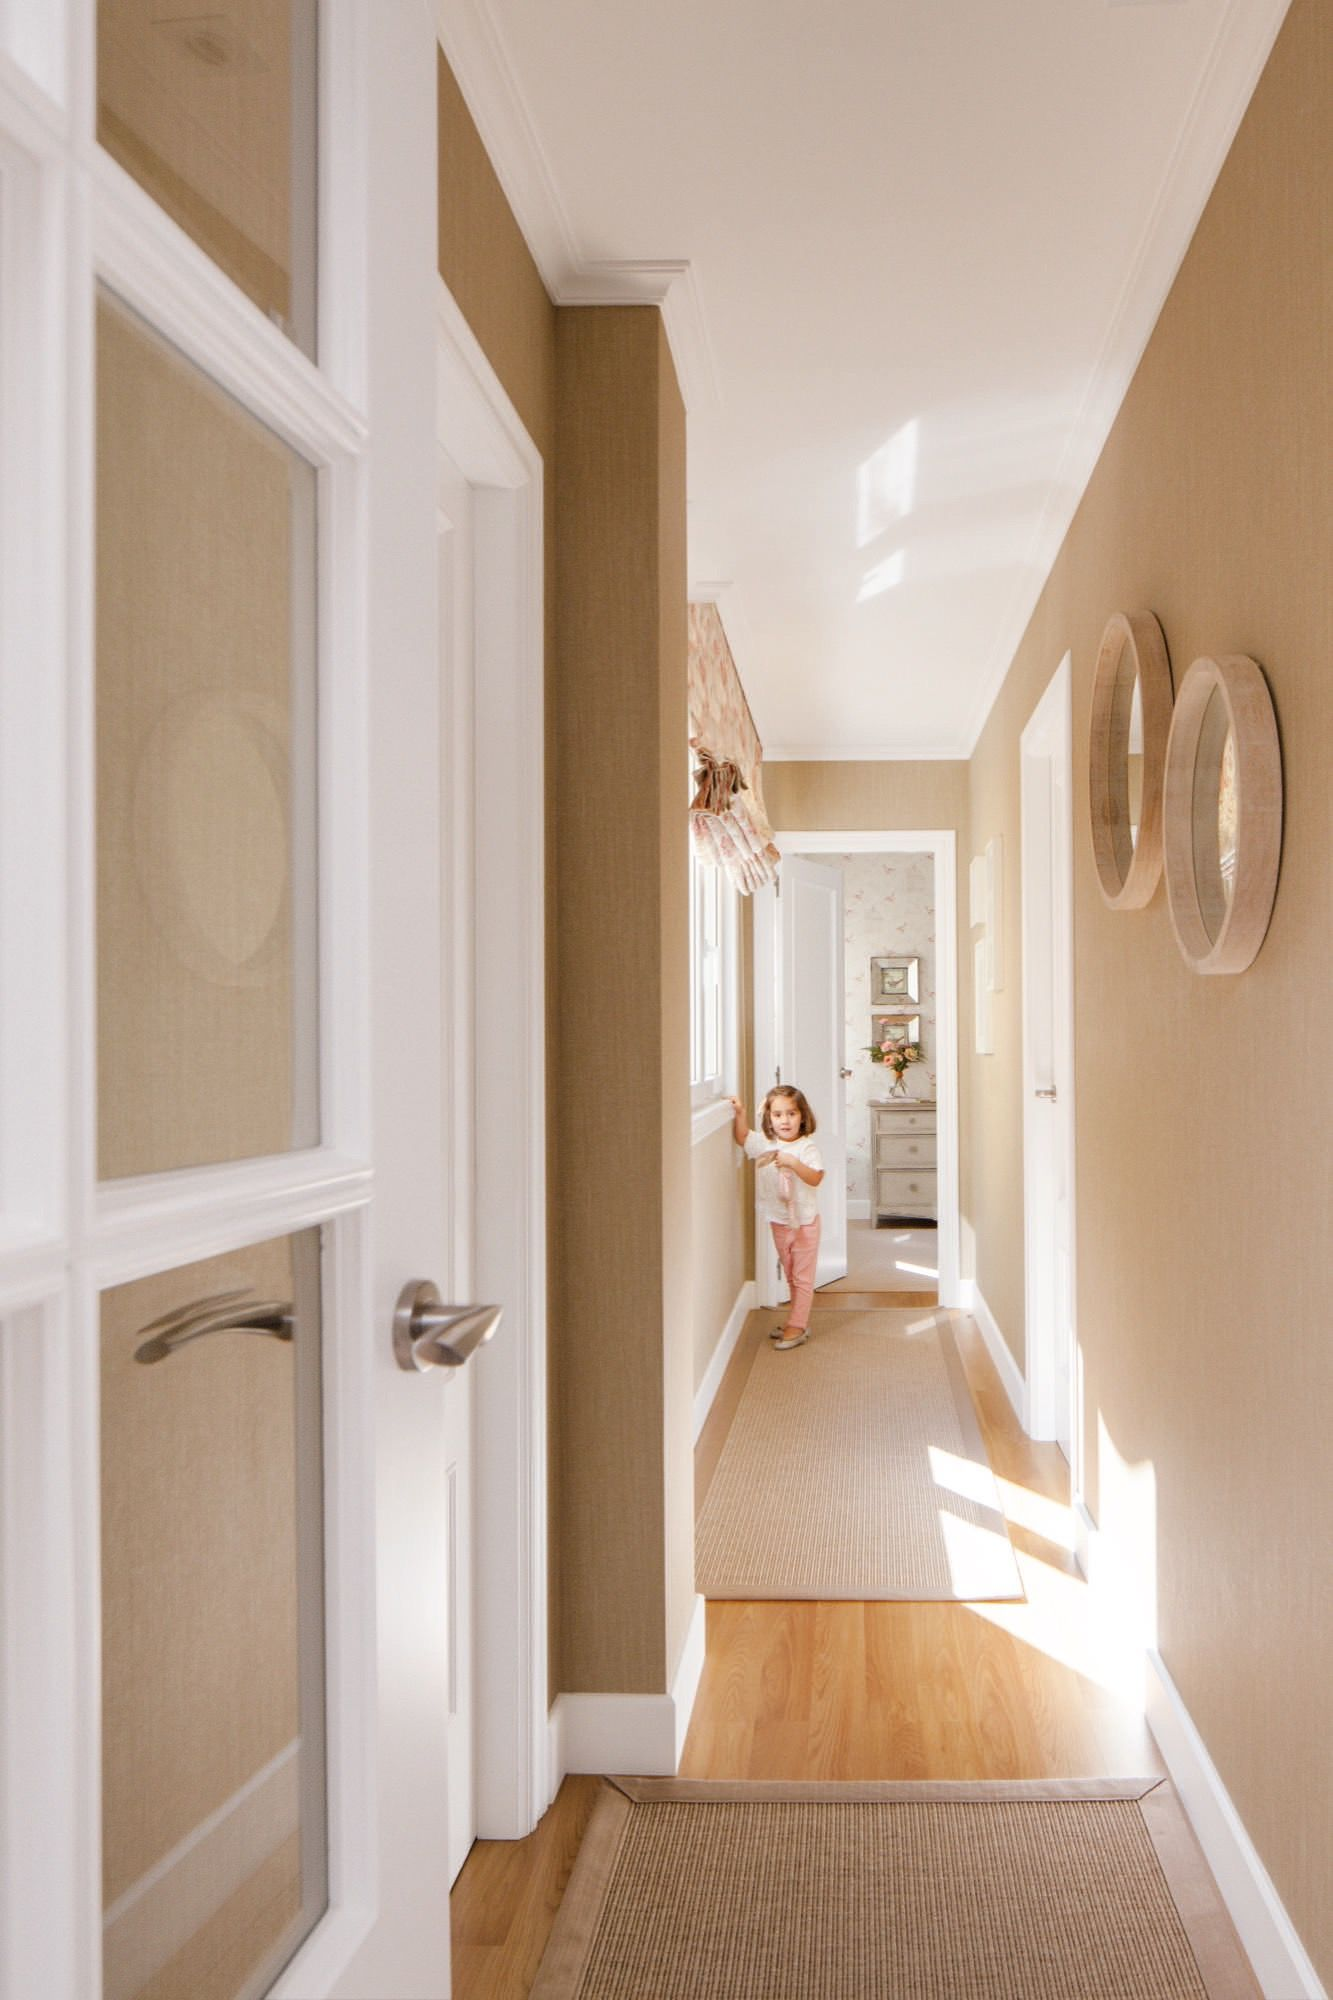 Unidas por las ideas de el mueble cool ideas muebles - Decoracion de paredes de pasillos ...